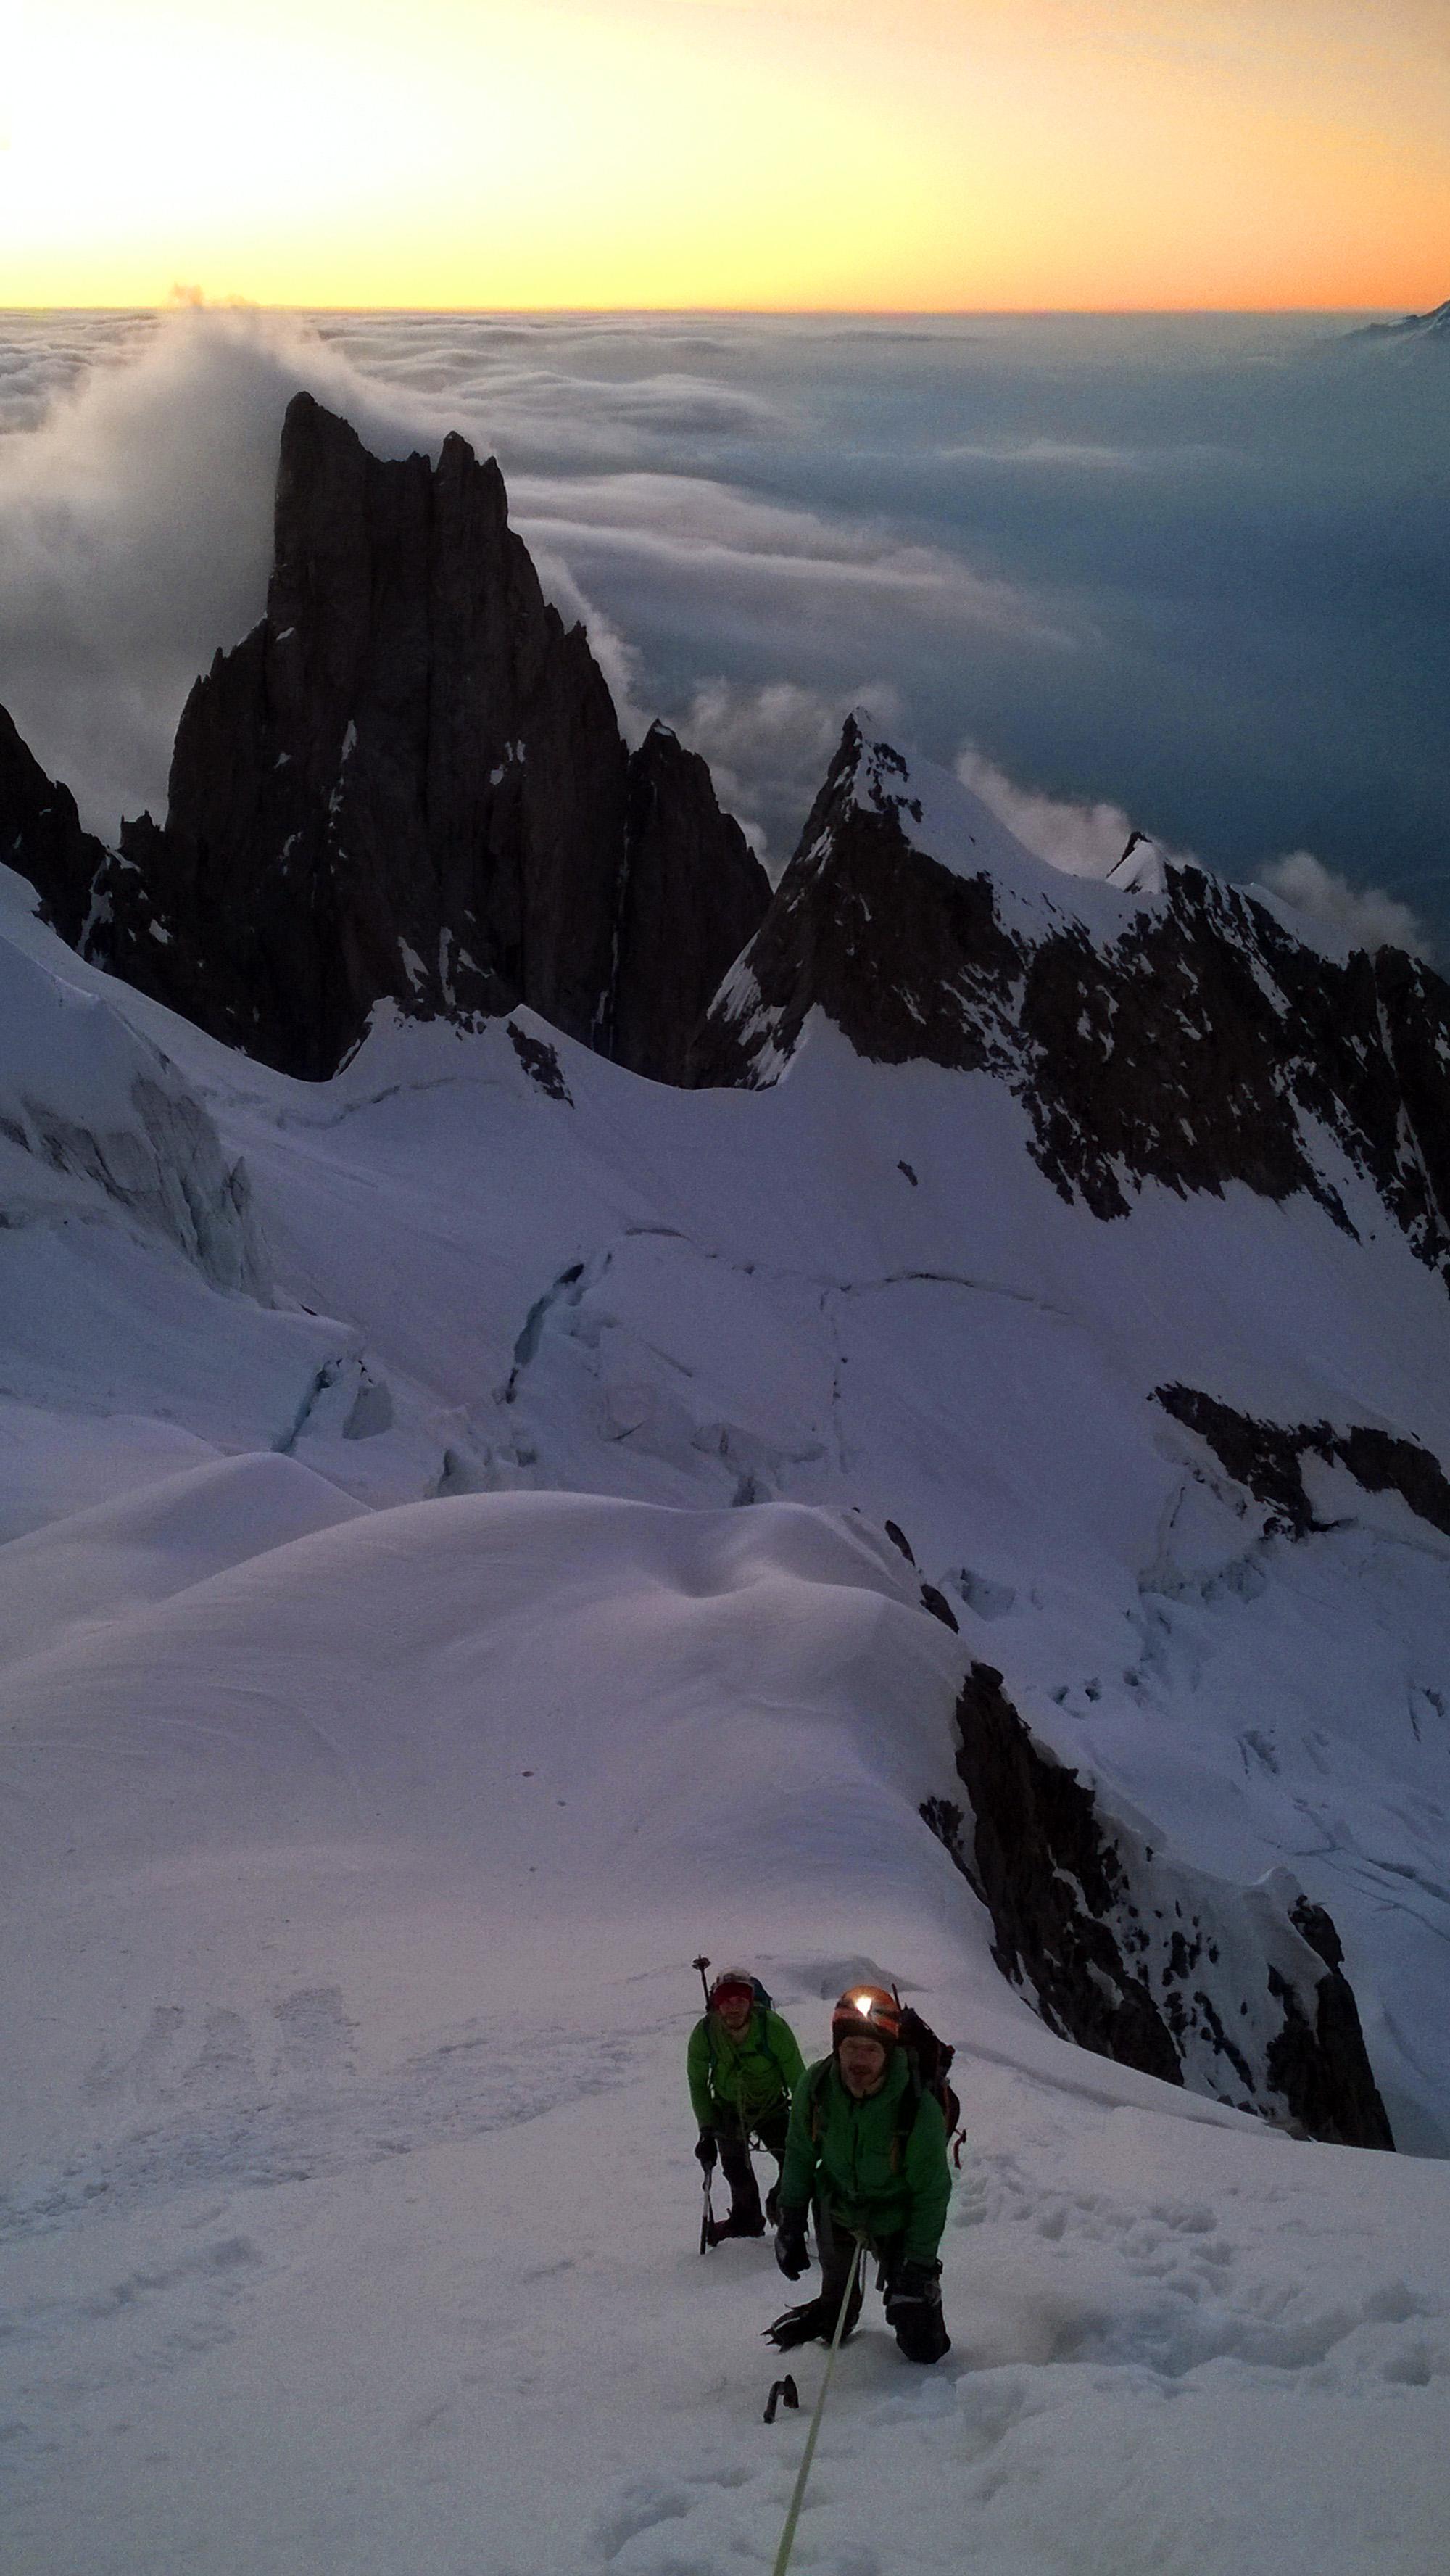 la seraccata sommitale del ghiacciaio del Brouillard alle prime luci dell'alba